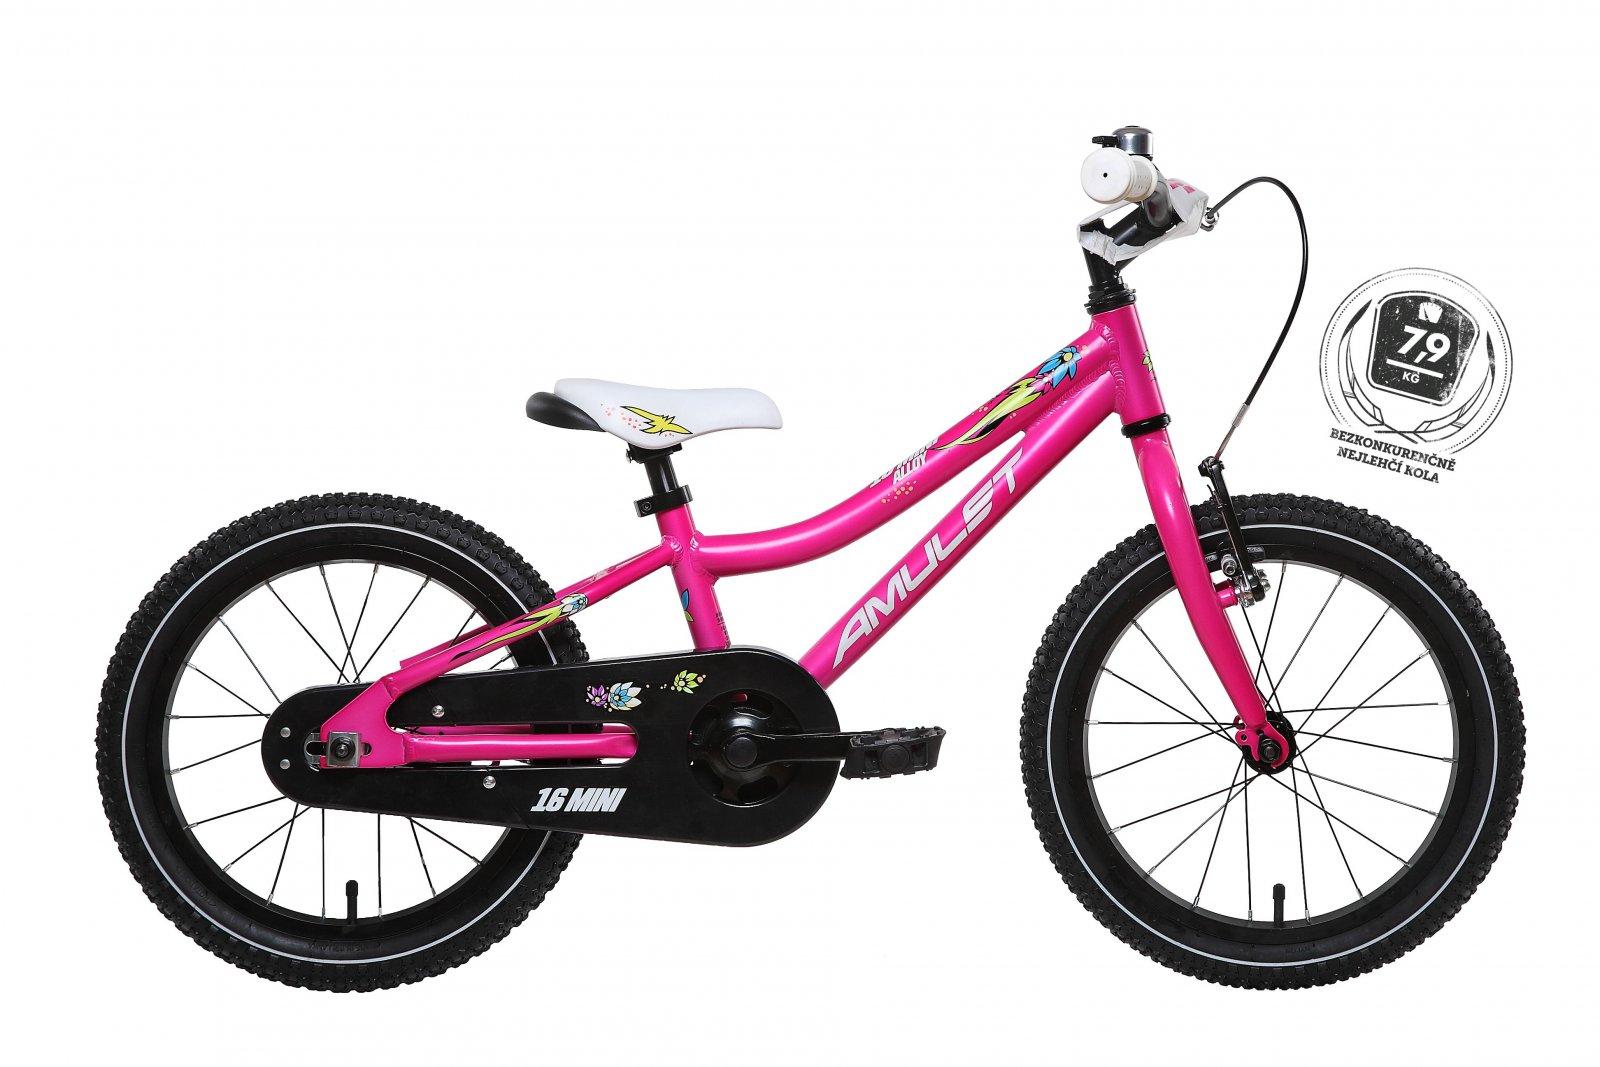 Amulet Mini 16 Lite 2016 pink, ZDARMA dopravné, montáž a sada blikaček (Zdarma dopravné + blikačky + odborná montáž)